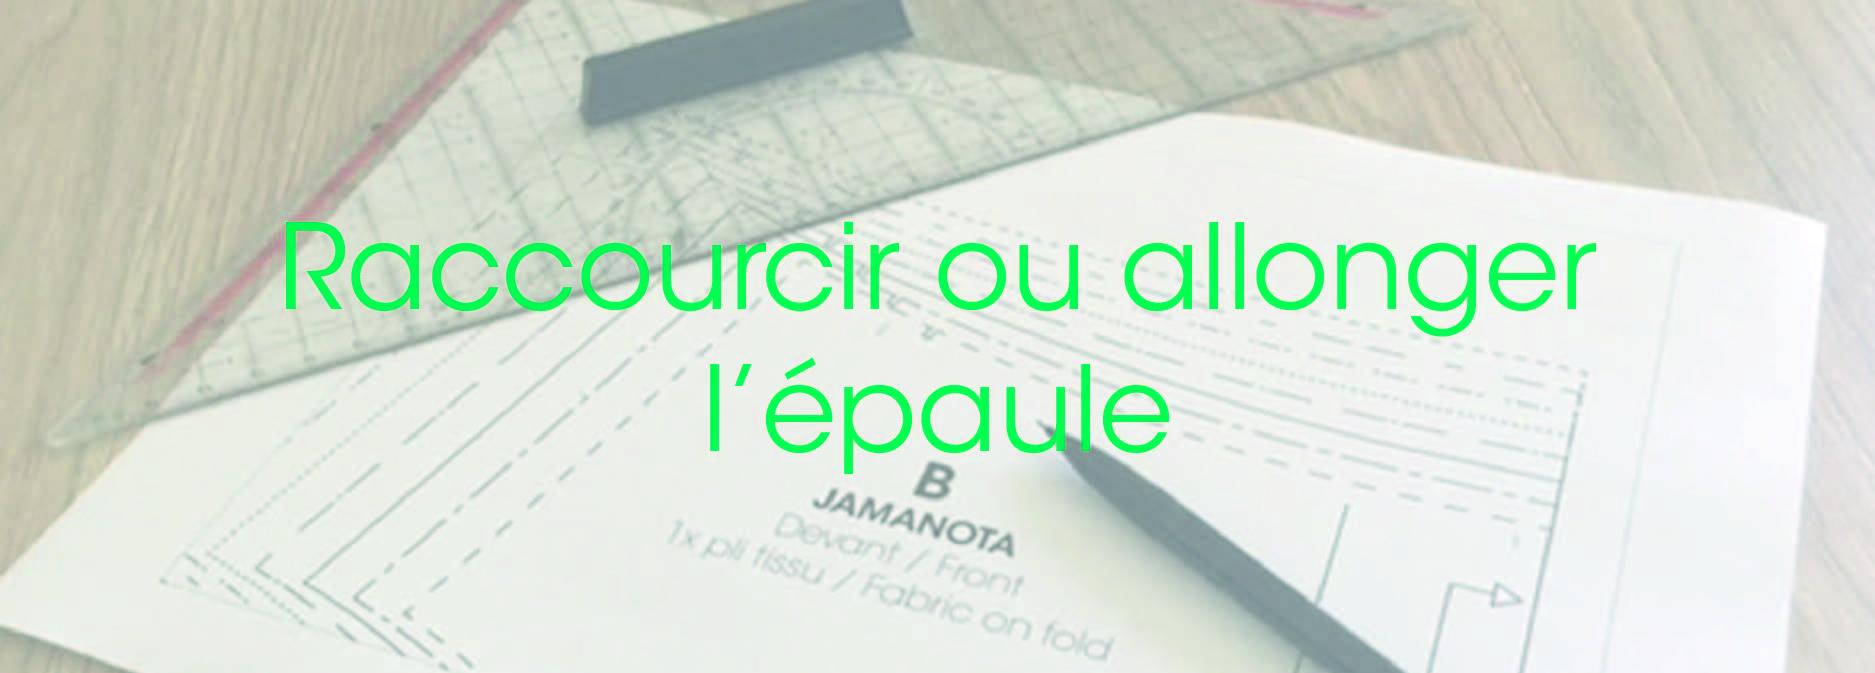 Modélisme_Raccourcir_ou_allonger_l'épaule